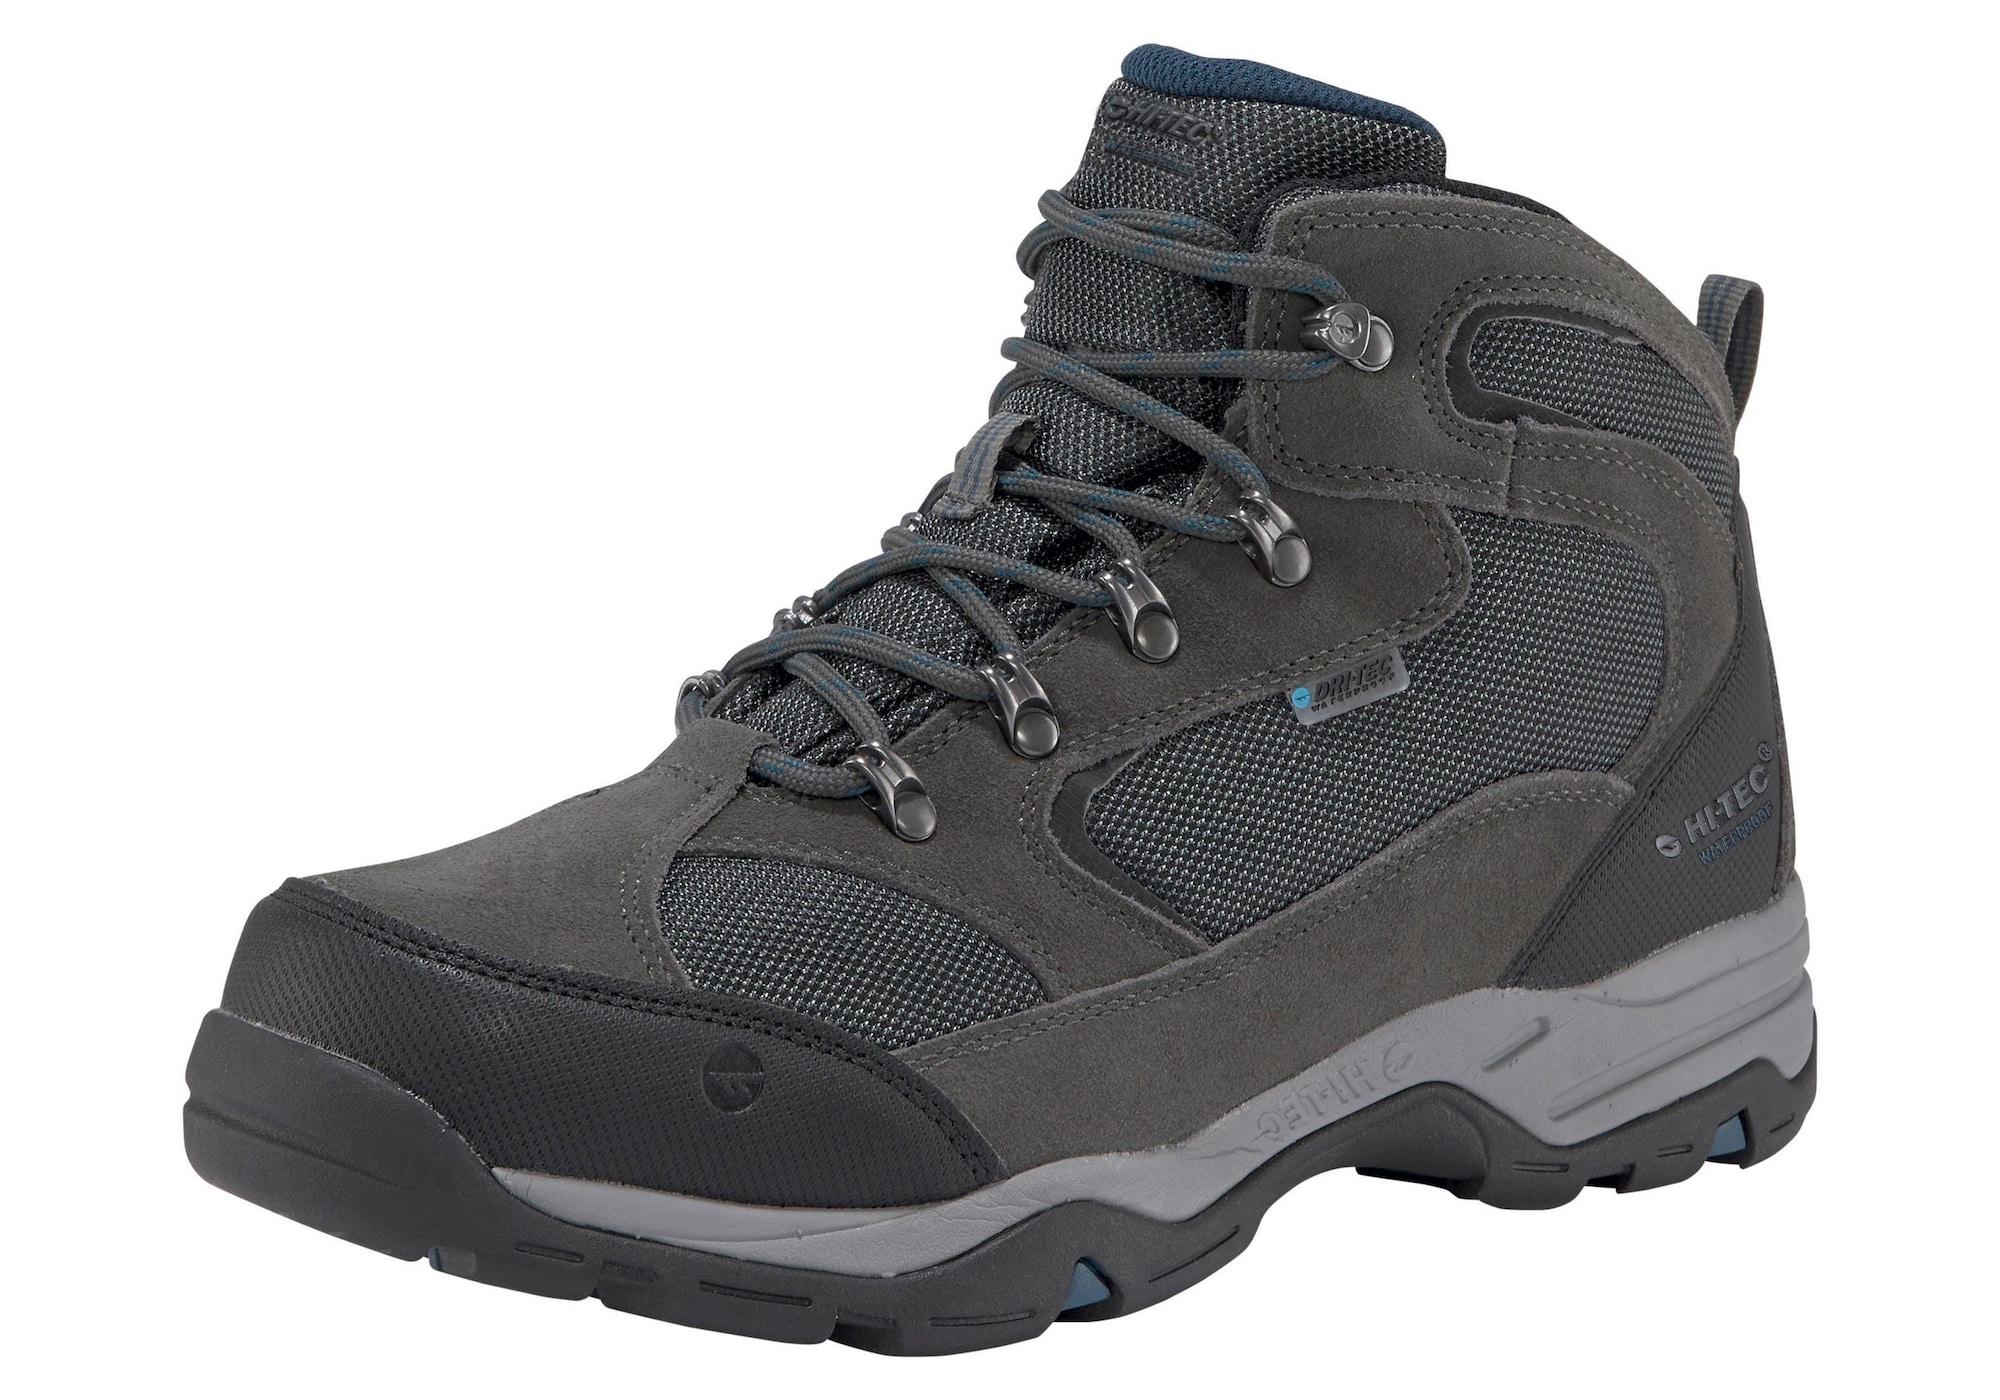 HI-TEC Auliniai batai